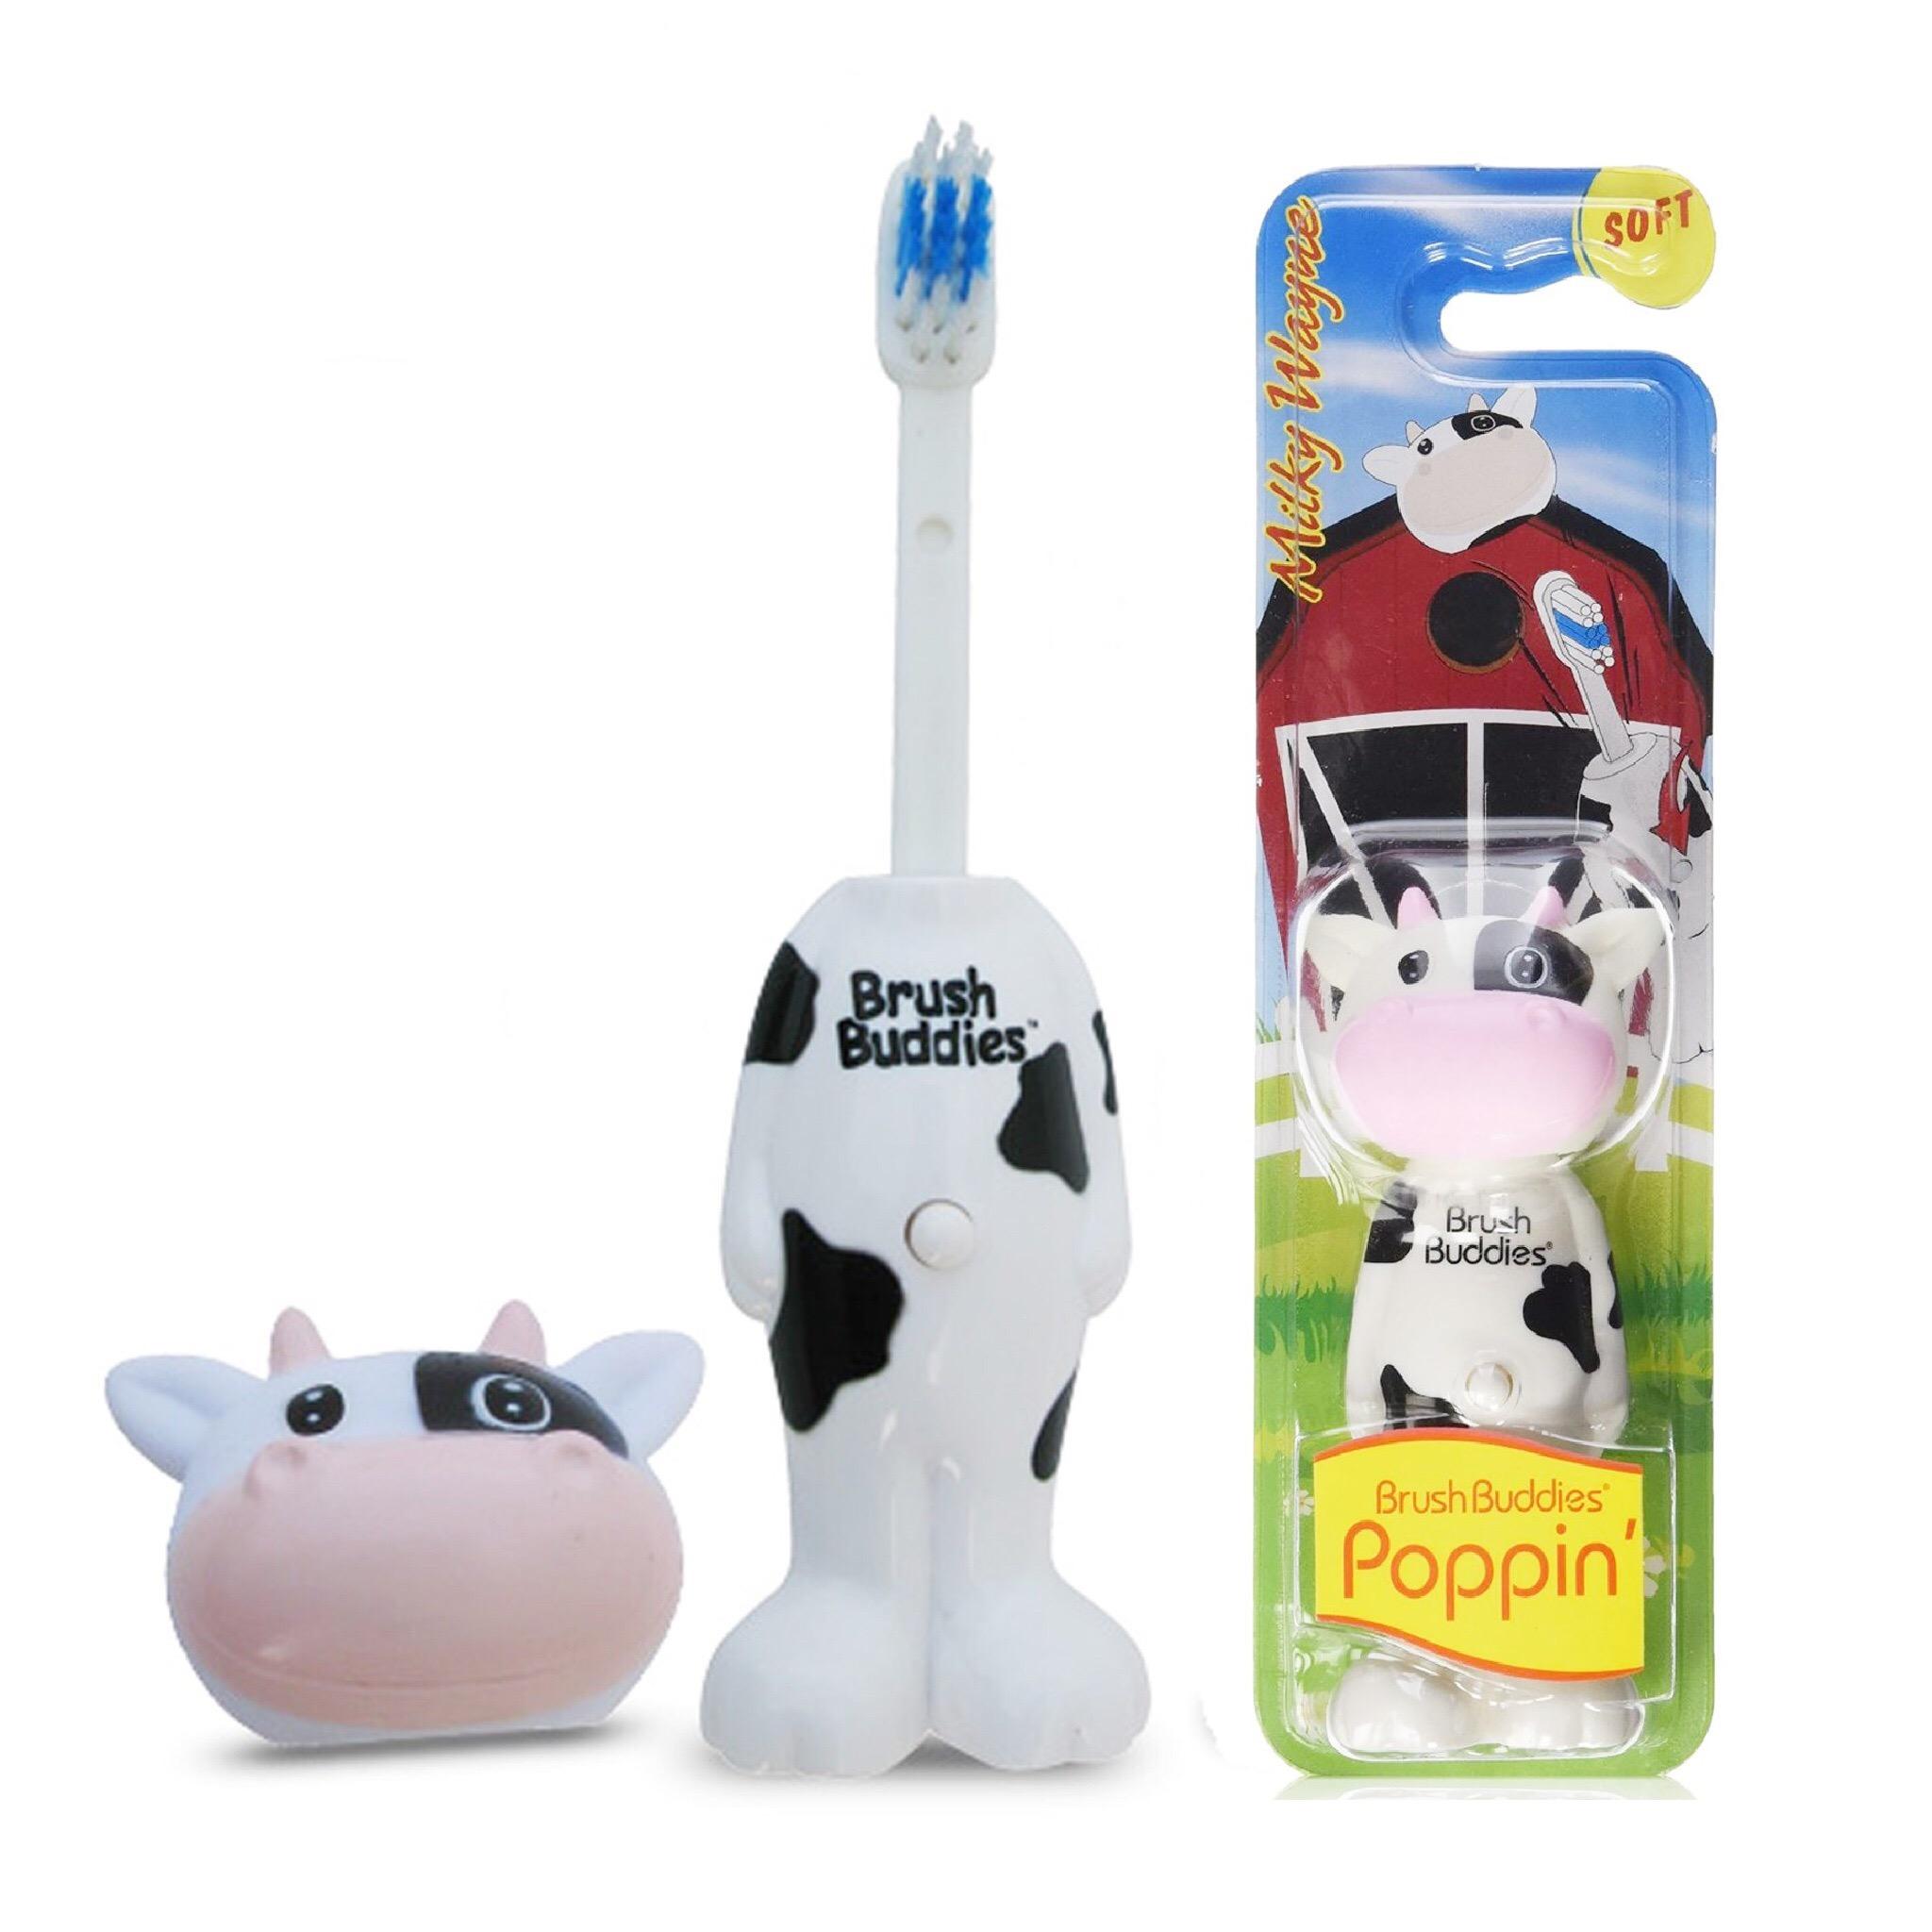 แปรงสีฟันเด้งดึ๋งปลอดสารพิษ Brush Buddies Poppin' Toothbrush (Milky Wayne)